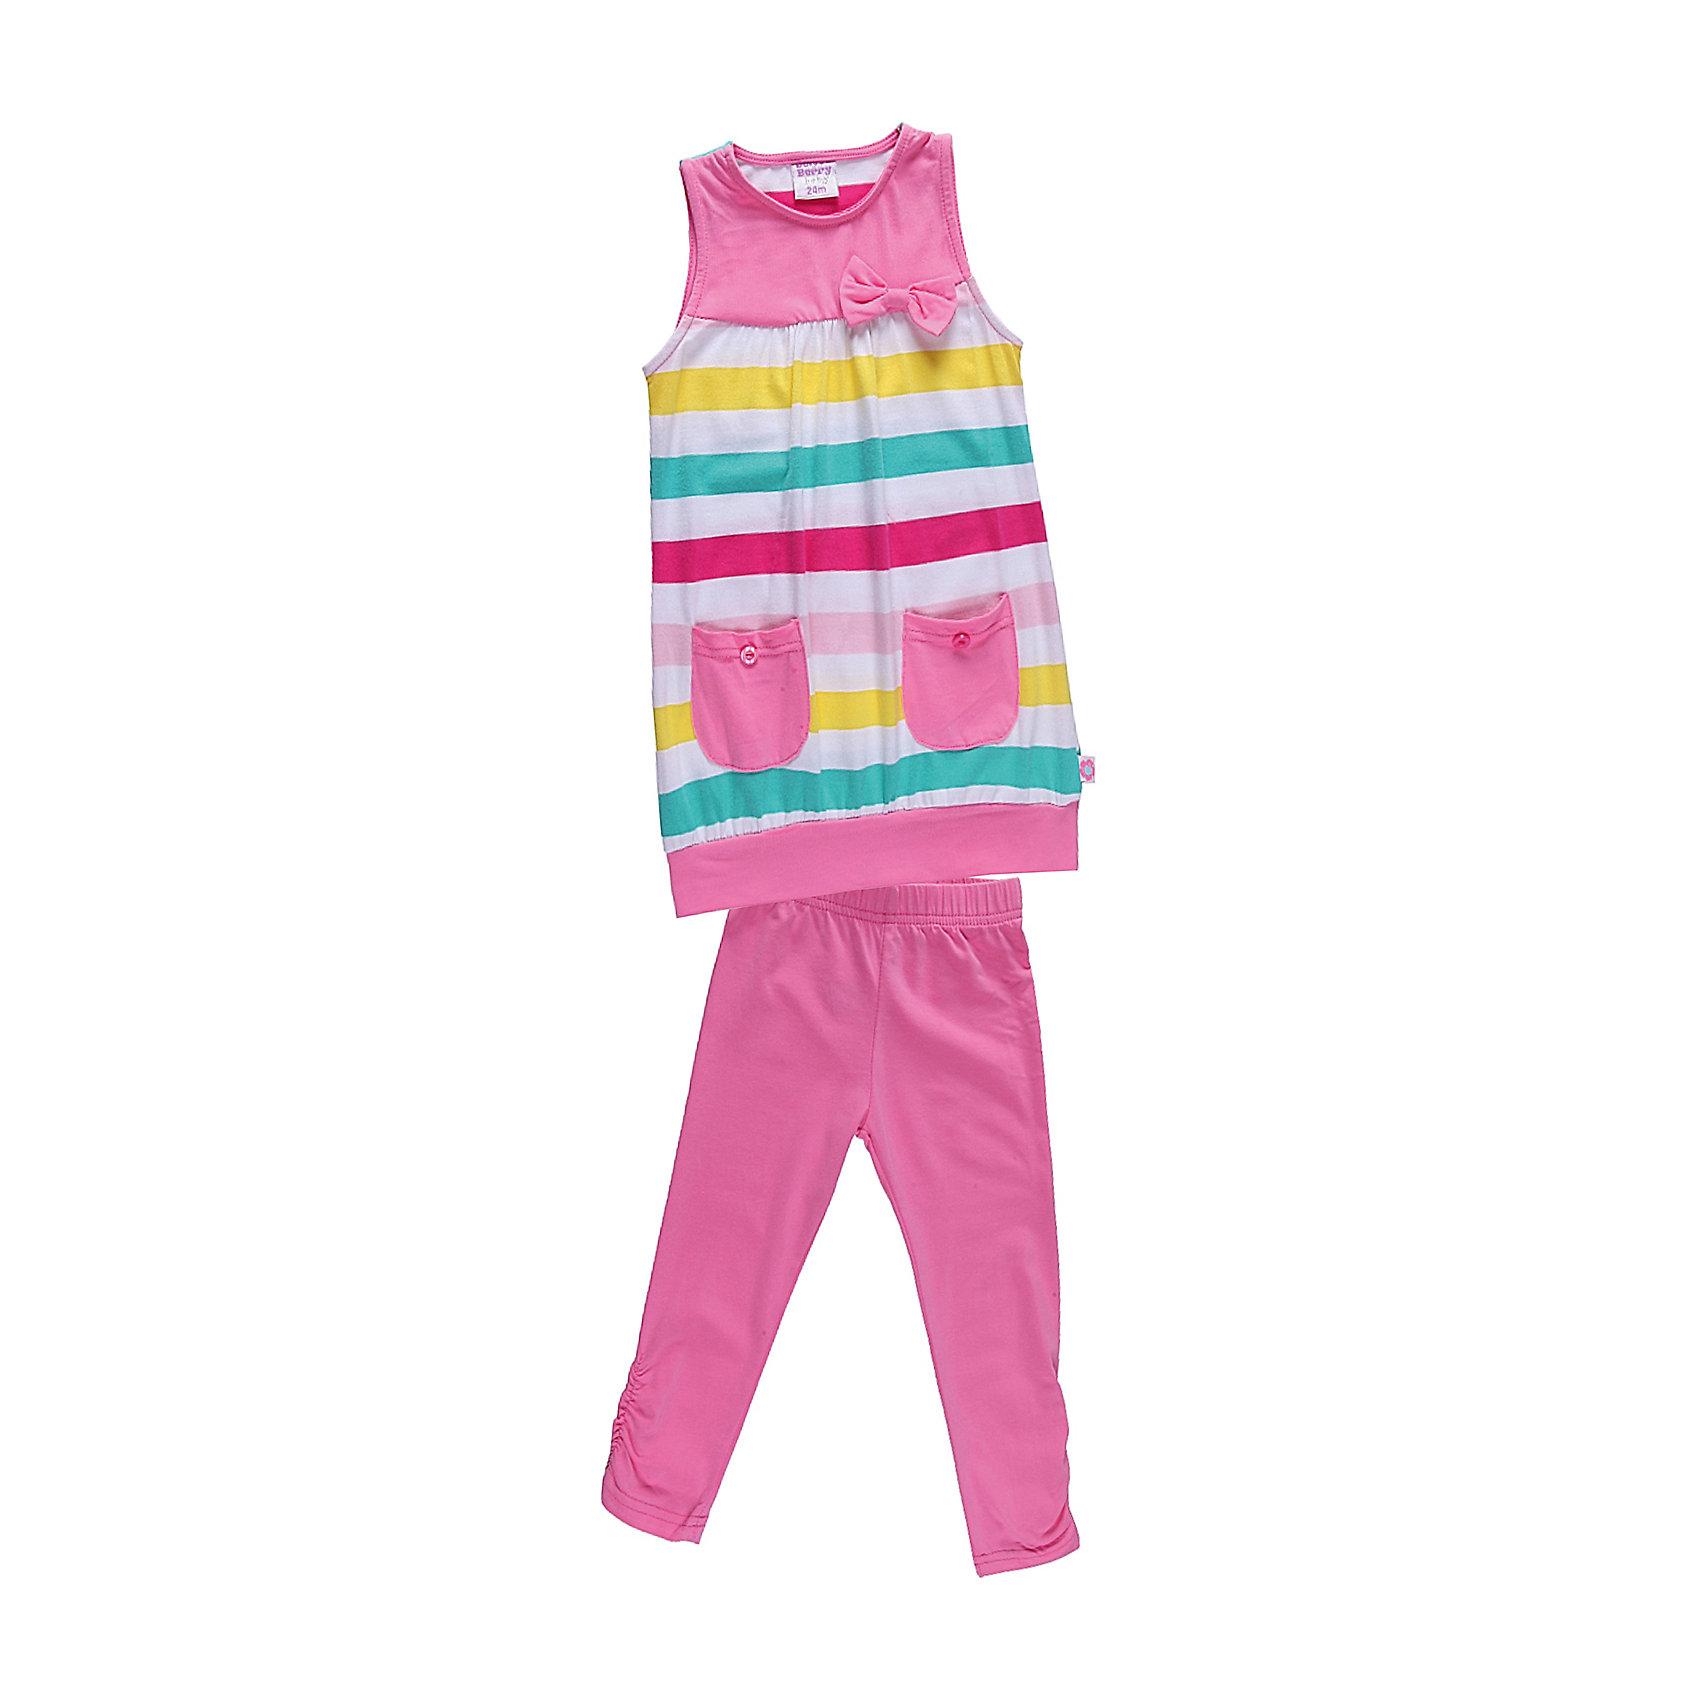 Sweet Berry Комплект для девочки: платье и леггинсы Sweet Berry sweet berry комплект